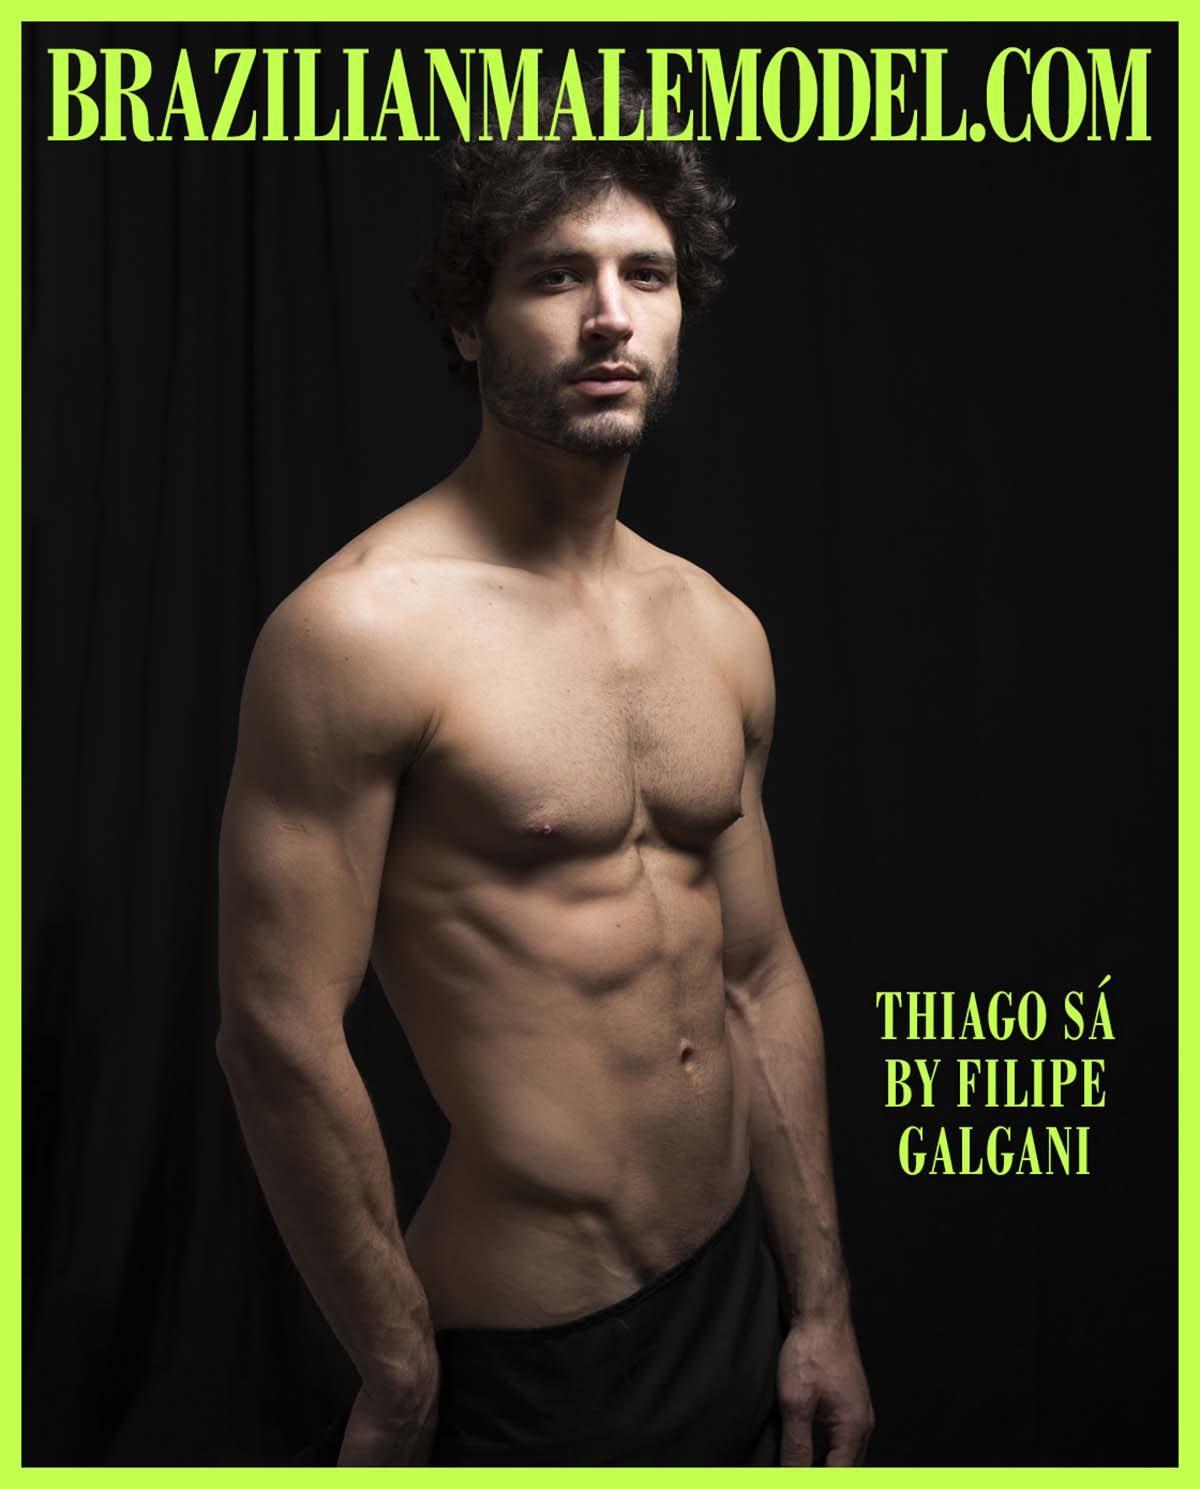 Thiago Sá by Filipe Galgani